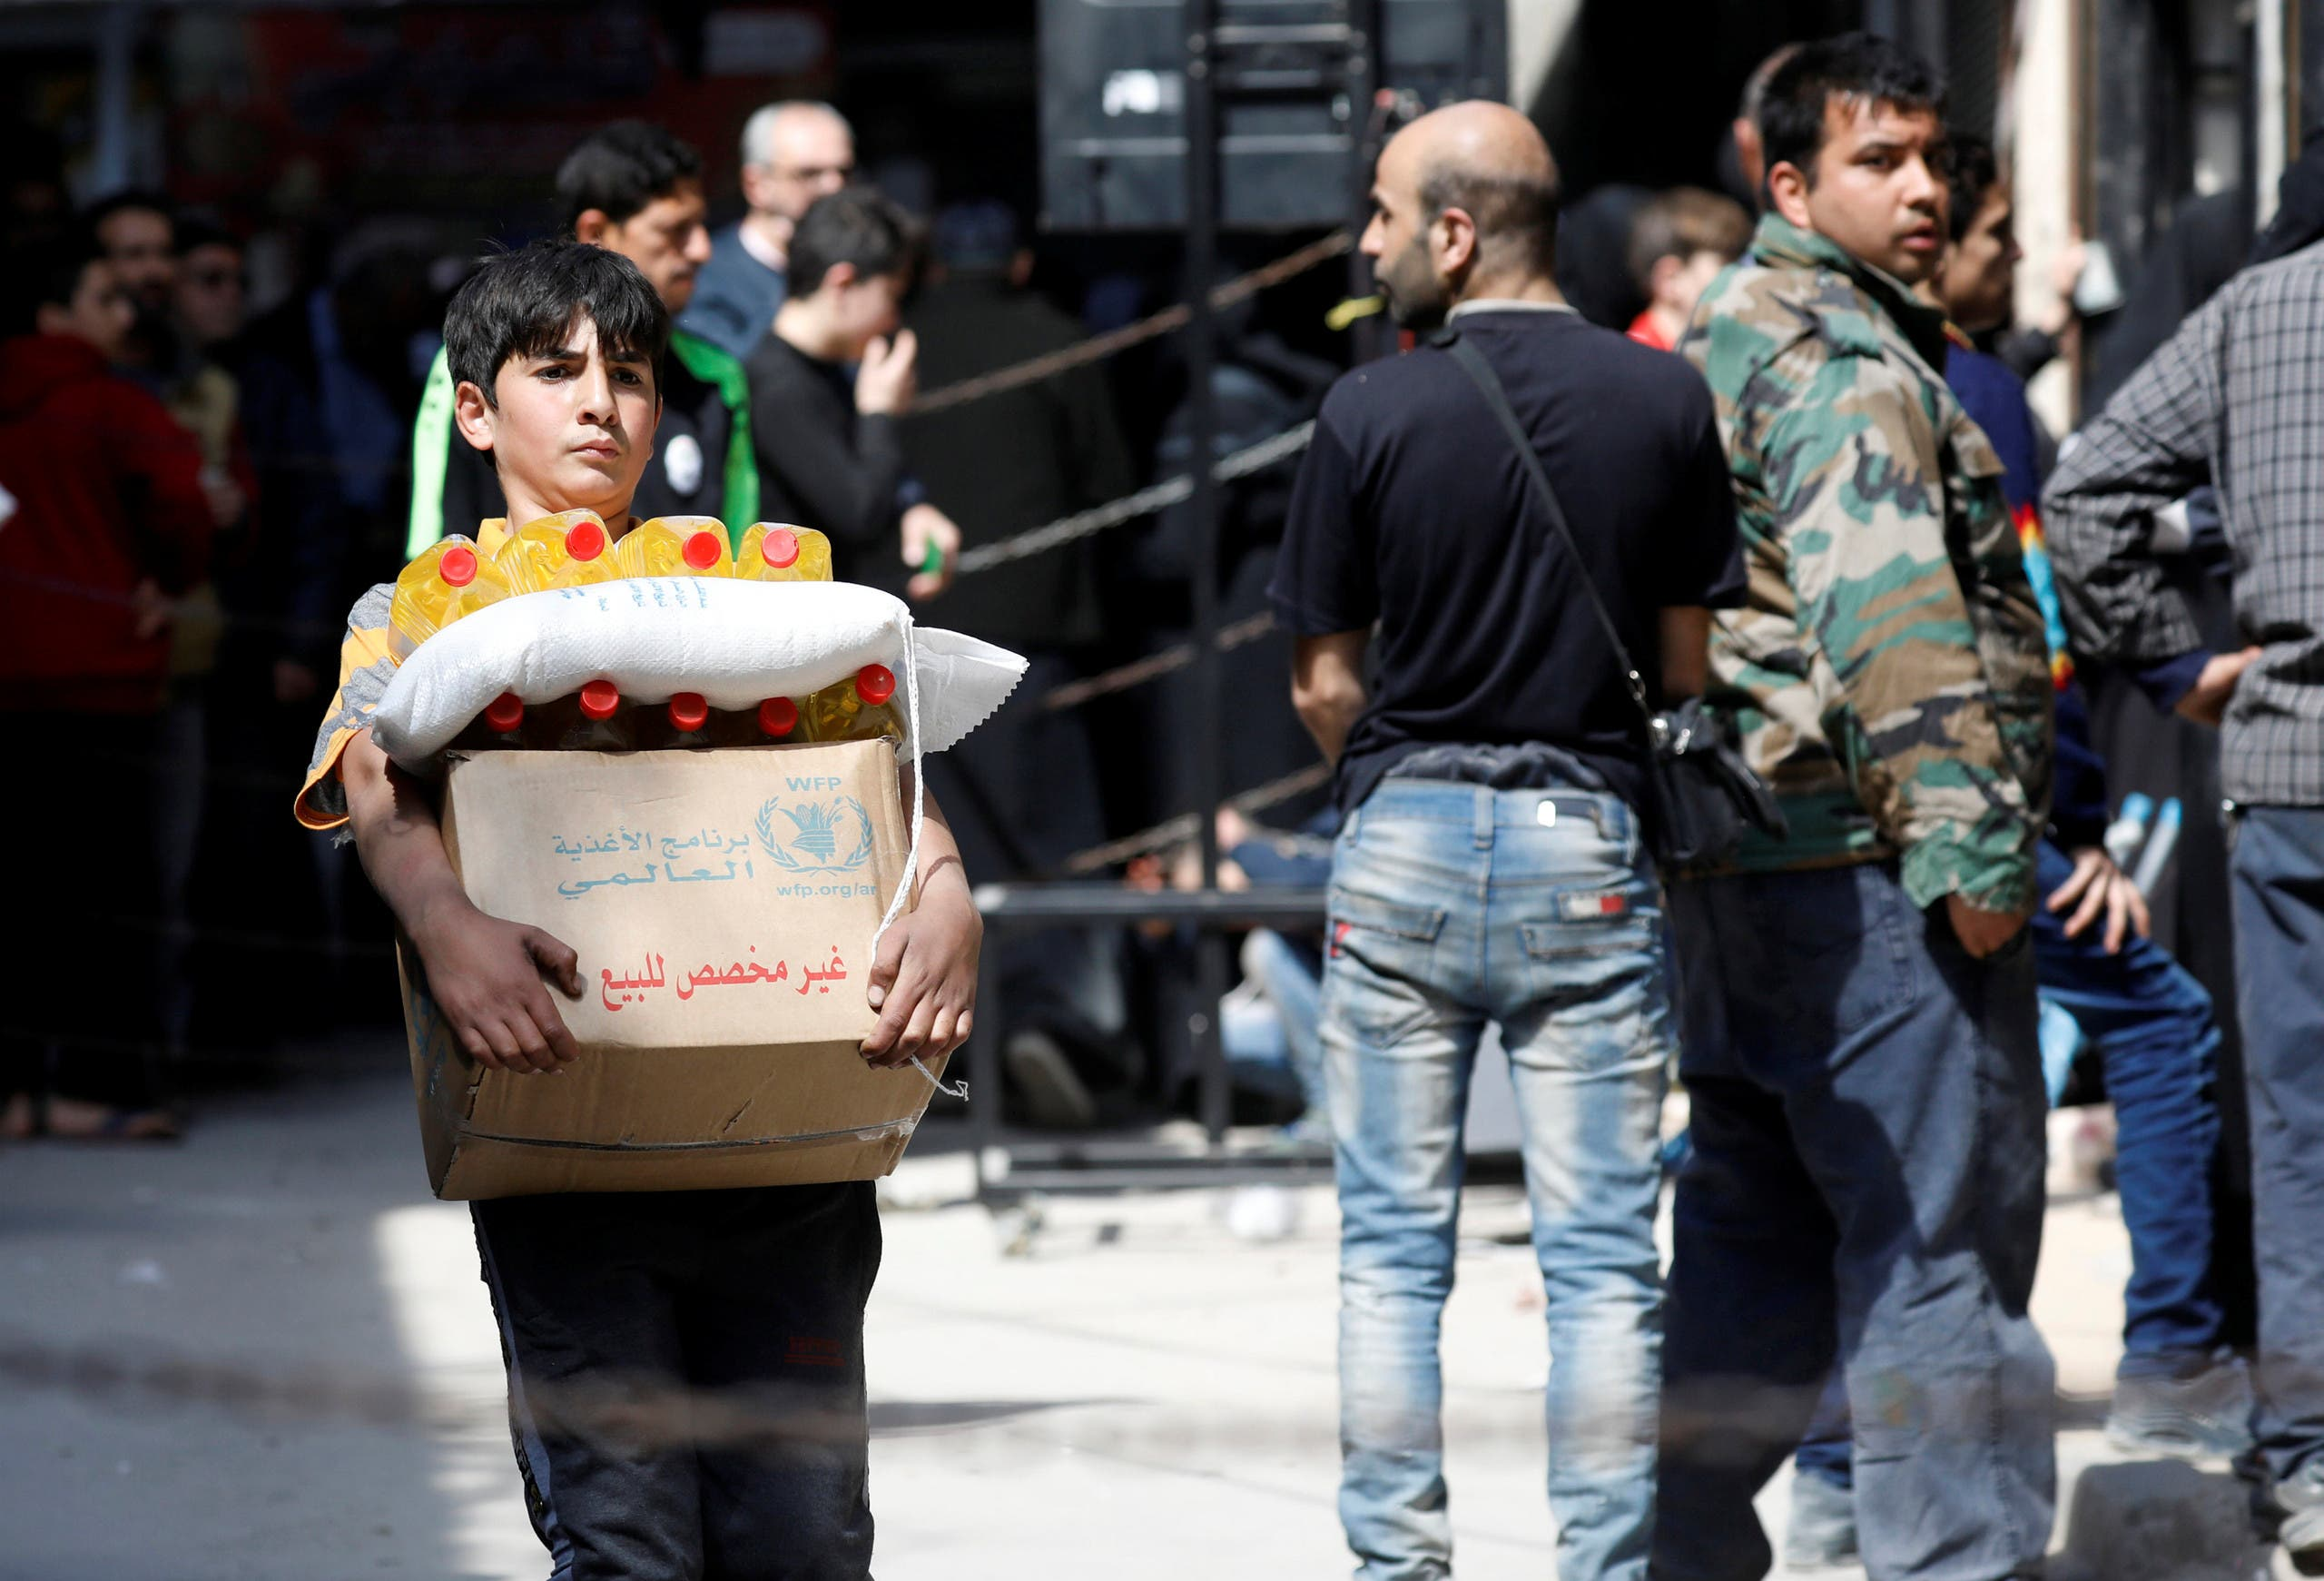 طفل سوري في حلب يحمل علبة مساعدات غذائية في ابريل 2019